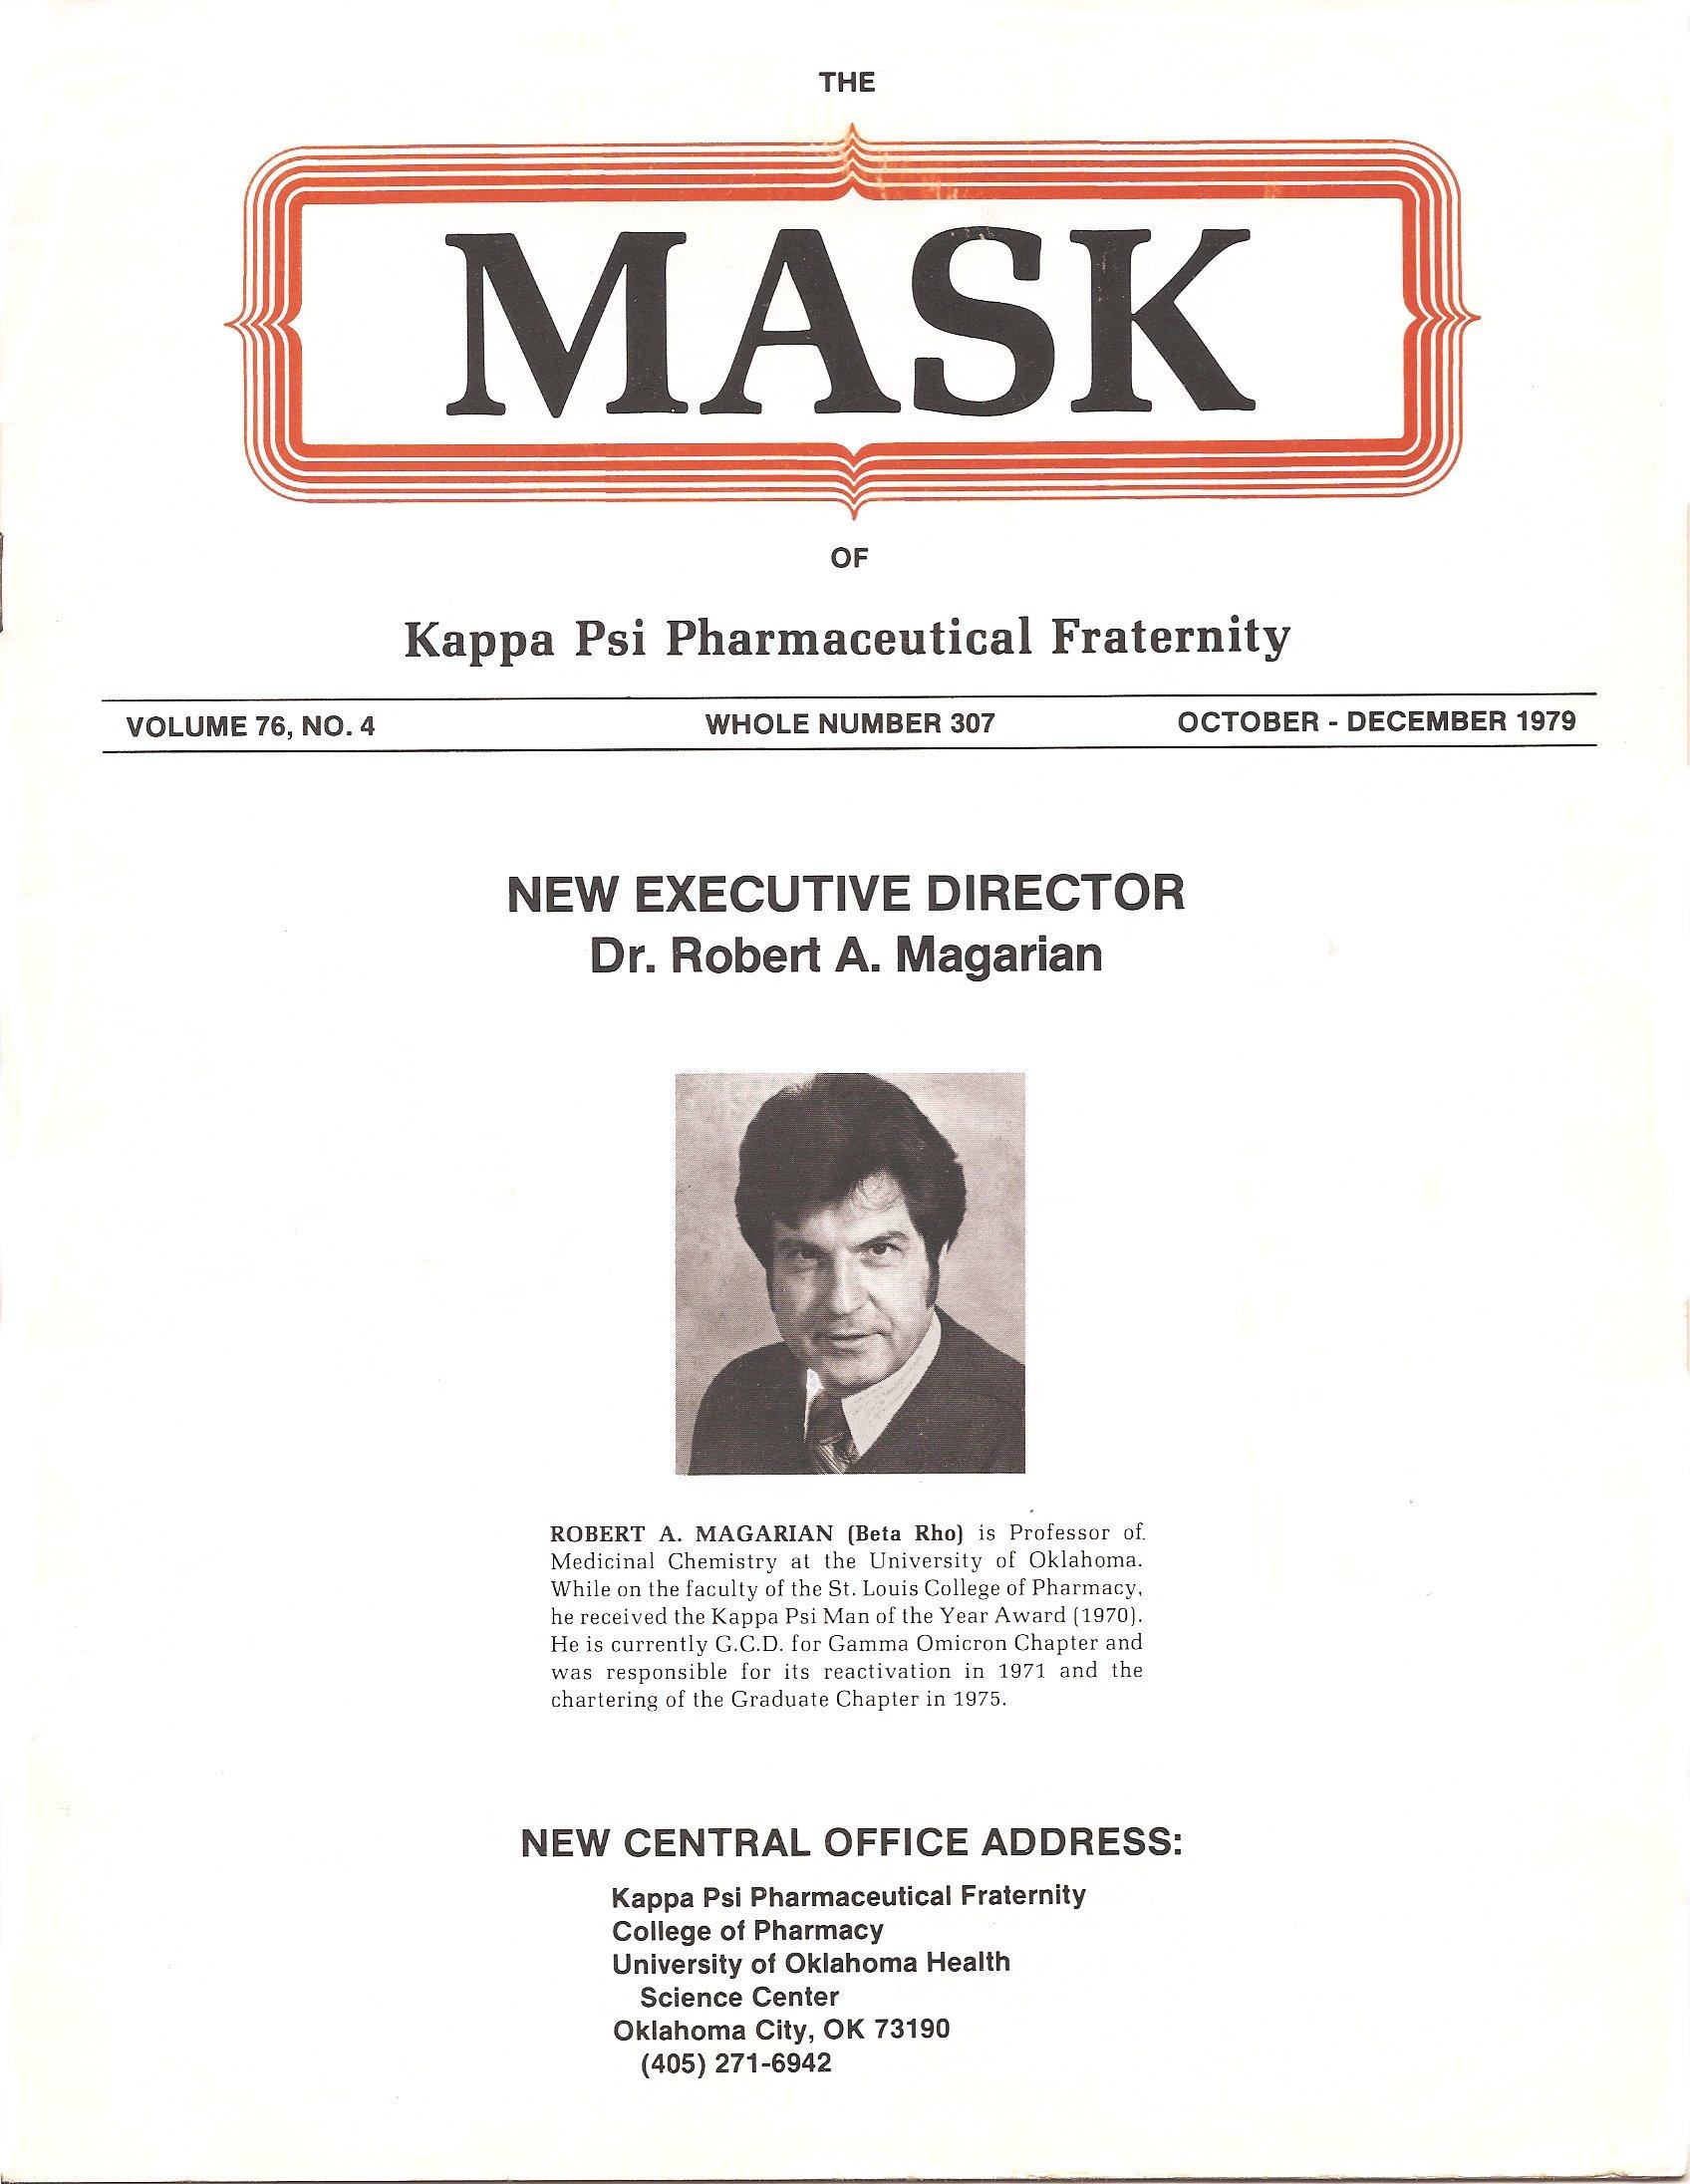 mask_cover_09_1979.jpg